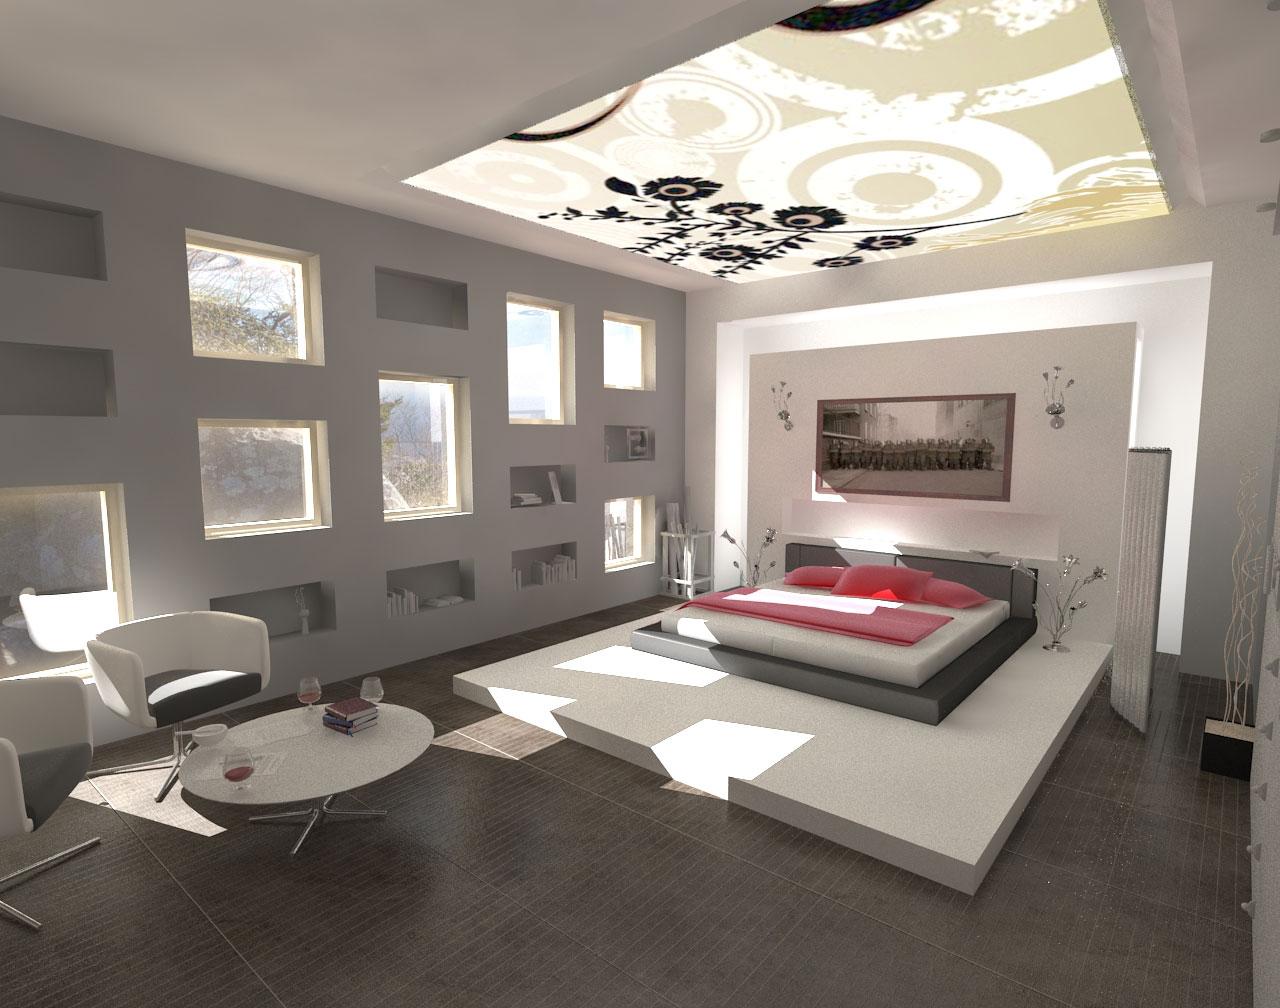 1280x1008px 6 Stunning Interior Design Pictures Ideas Picture in Interior Design